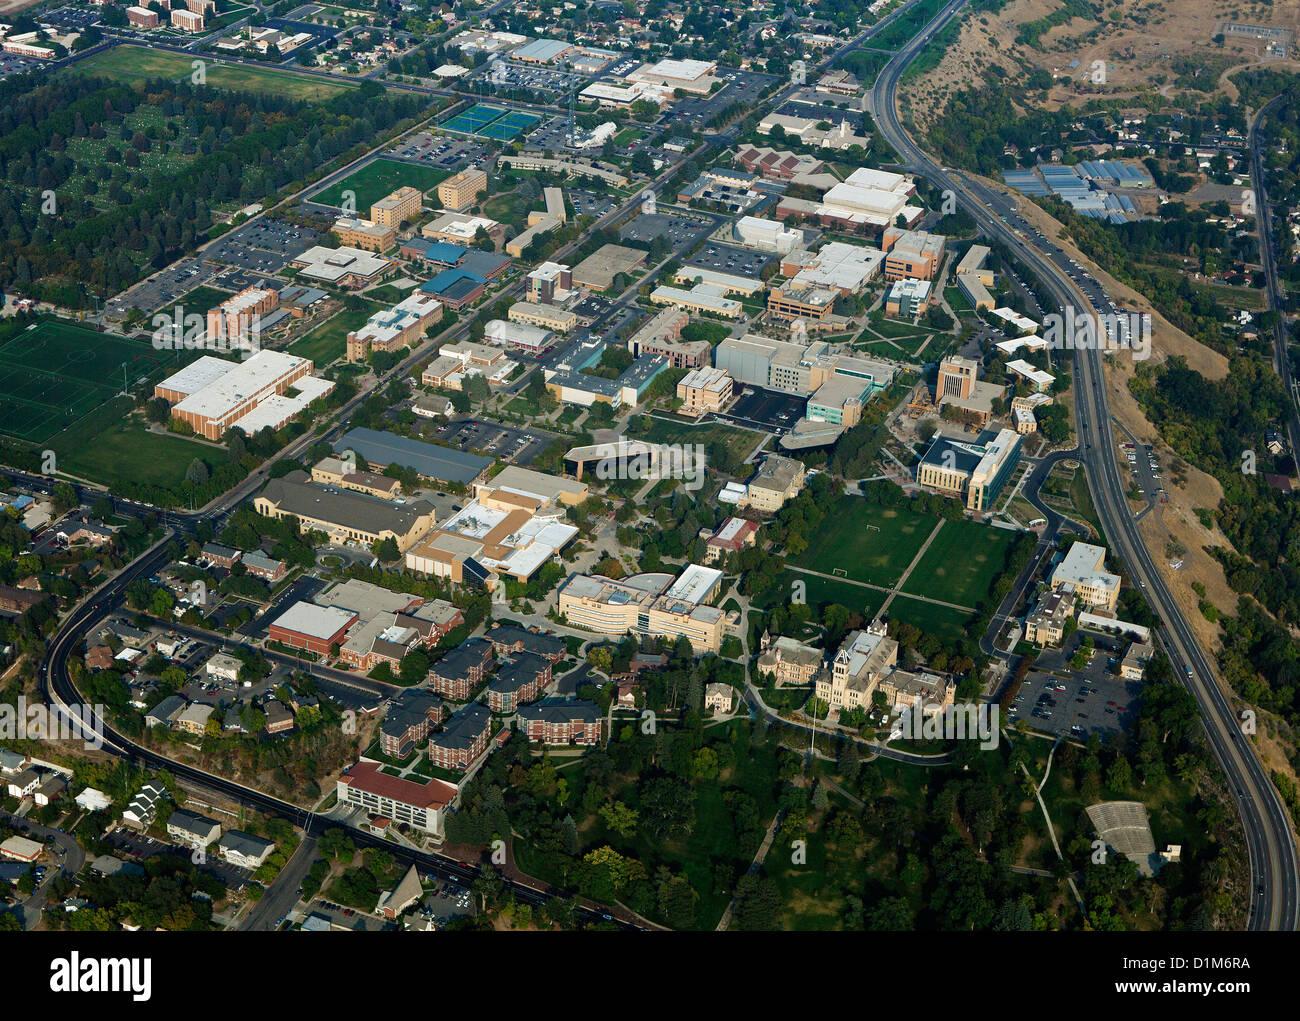 aerial photograph Utah State University, Logan, Utah - Stock Image